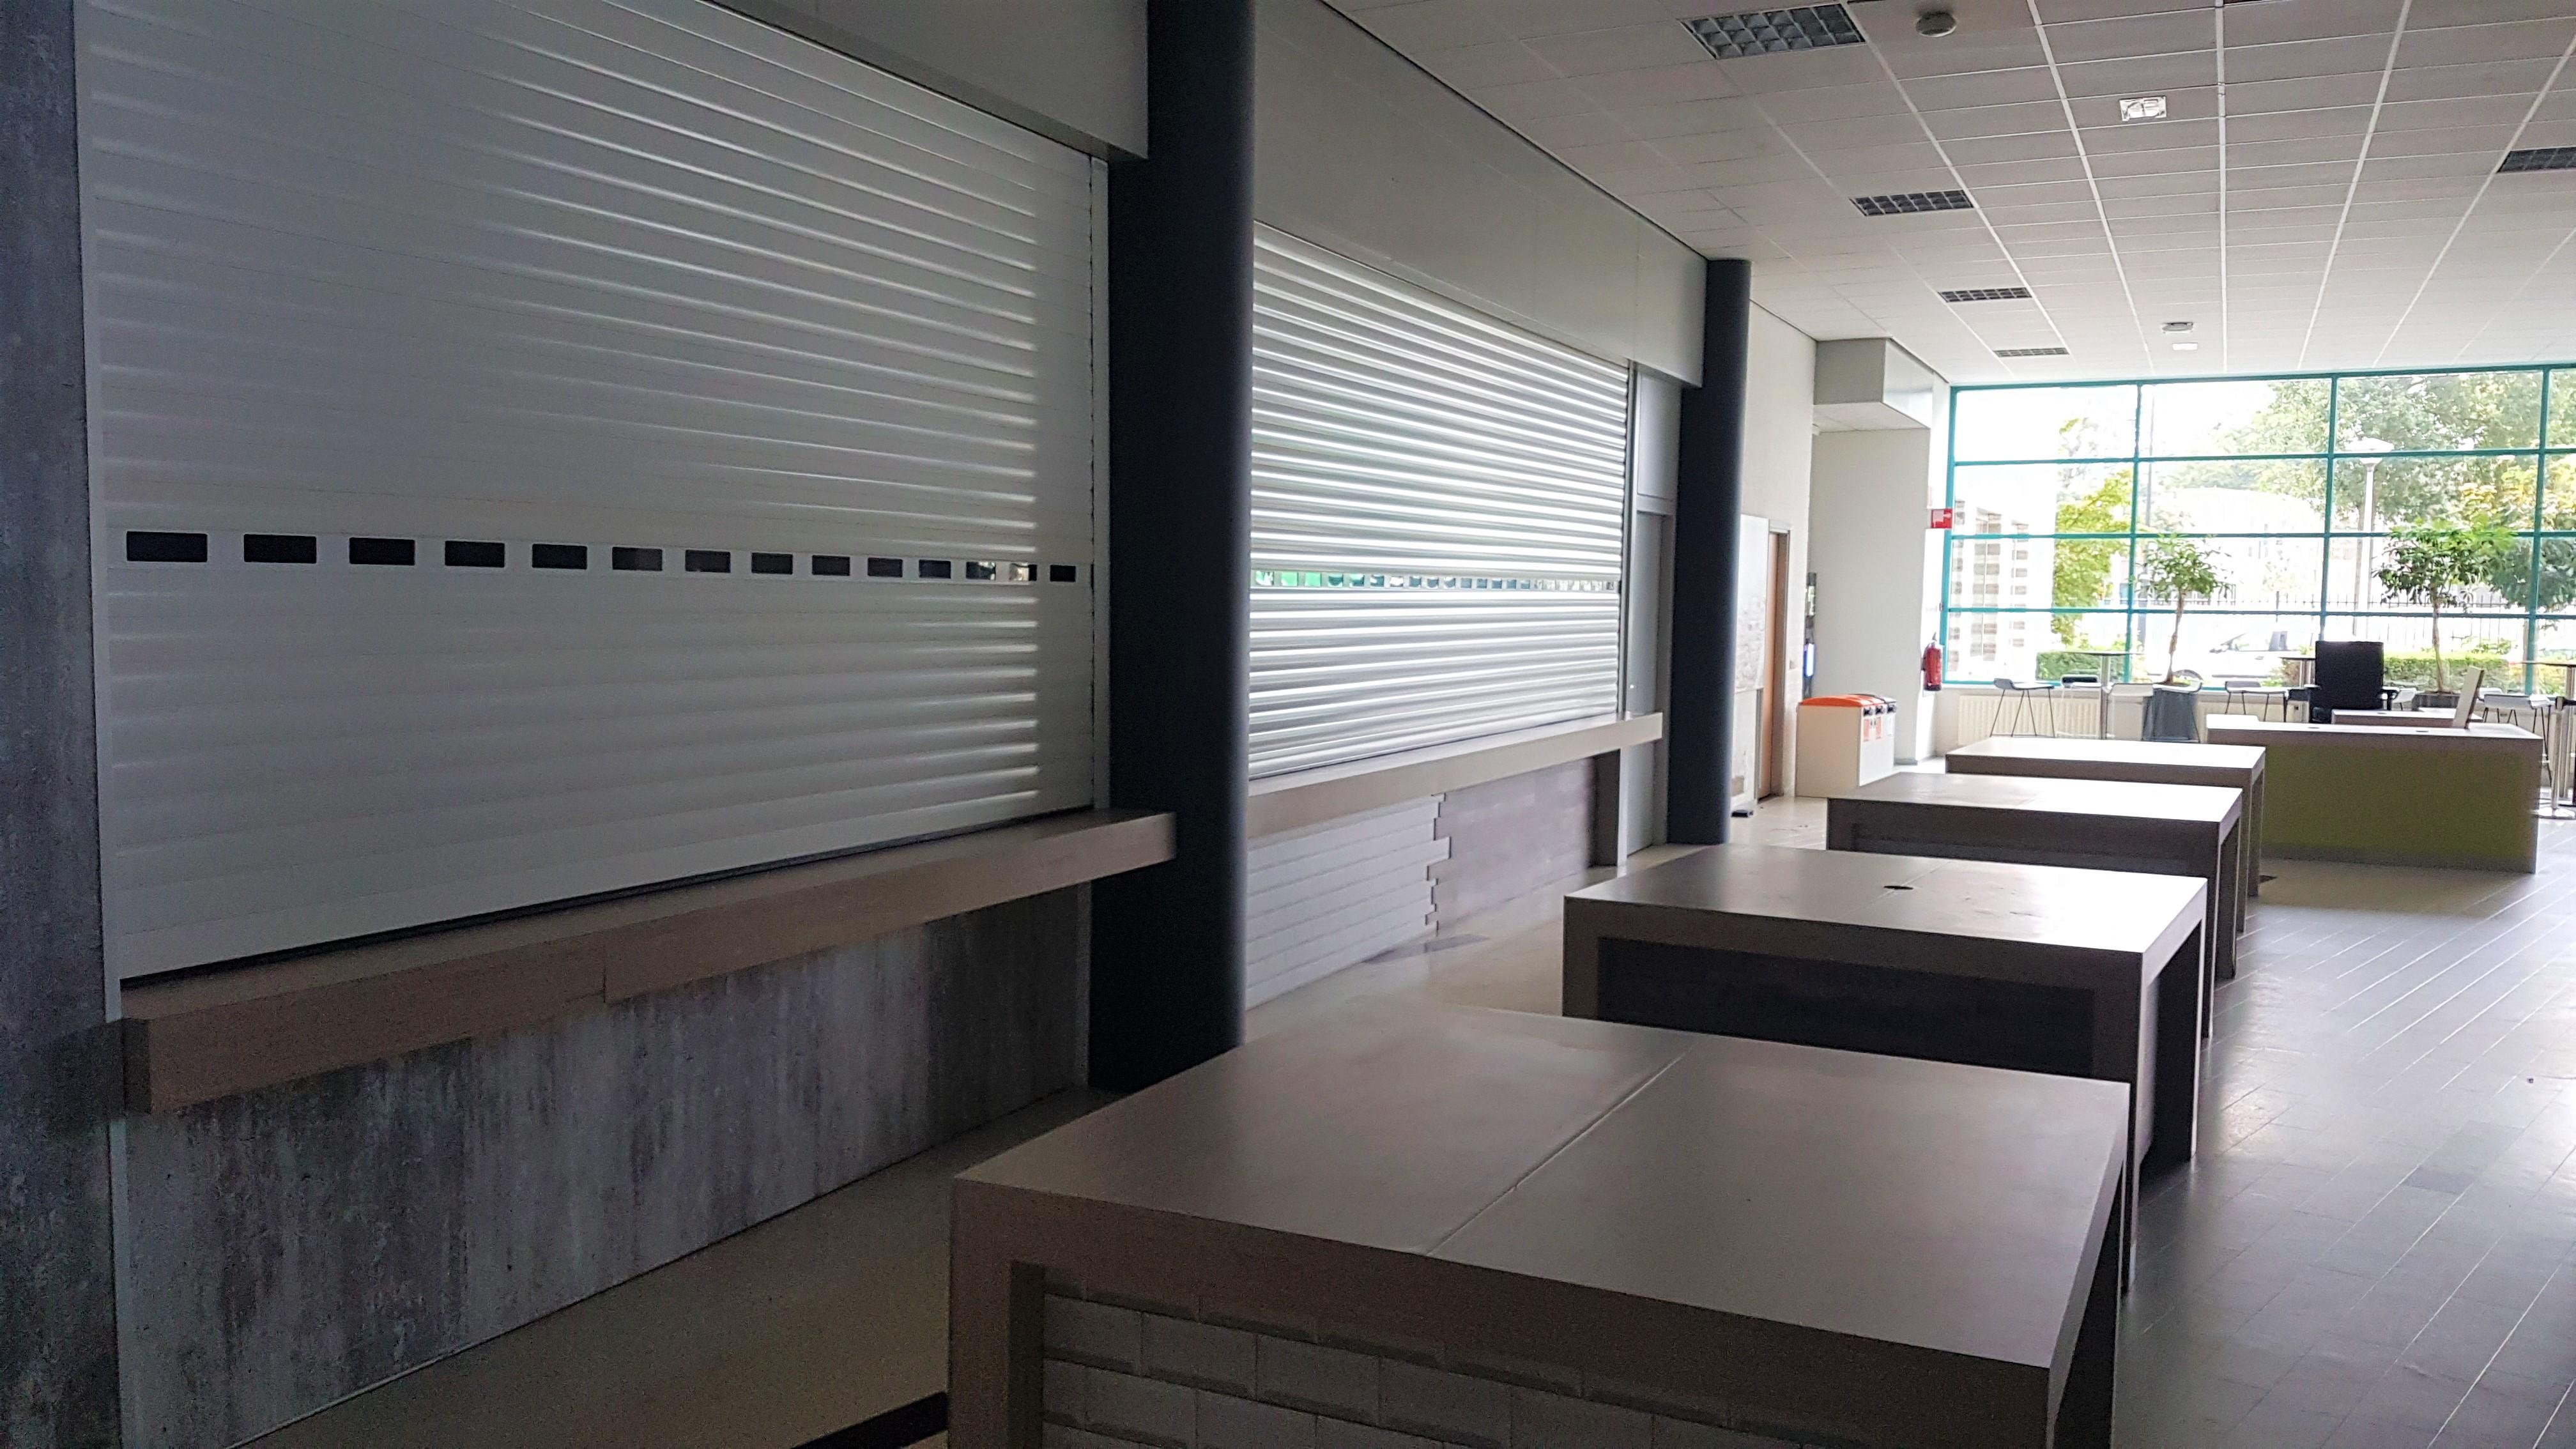 Het restaurant in Fontys-gebouw R3/R4 in Eindhoven is al maanden niet in gebruik.